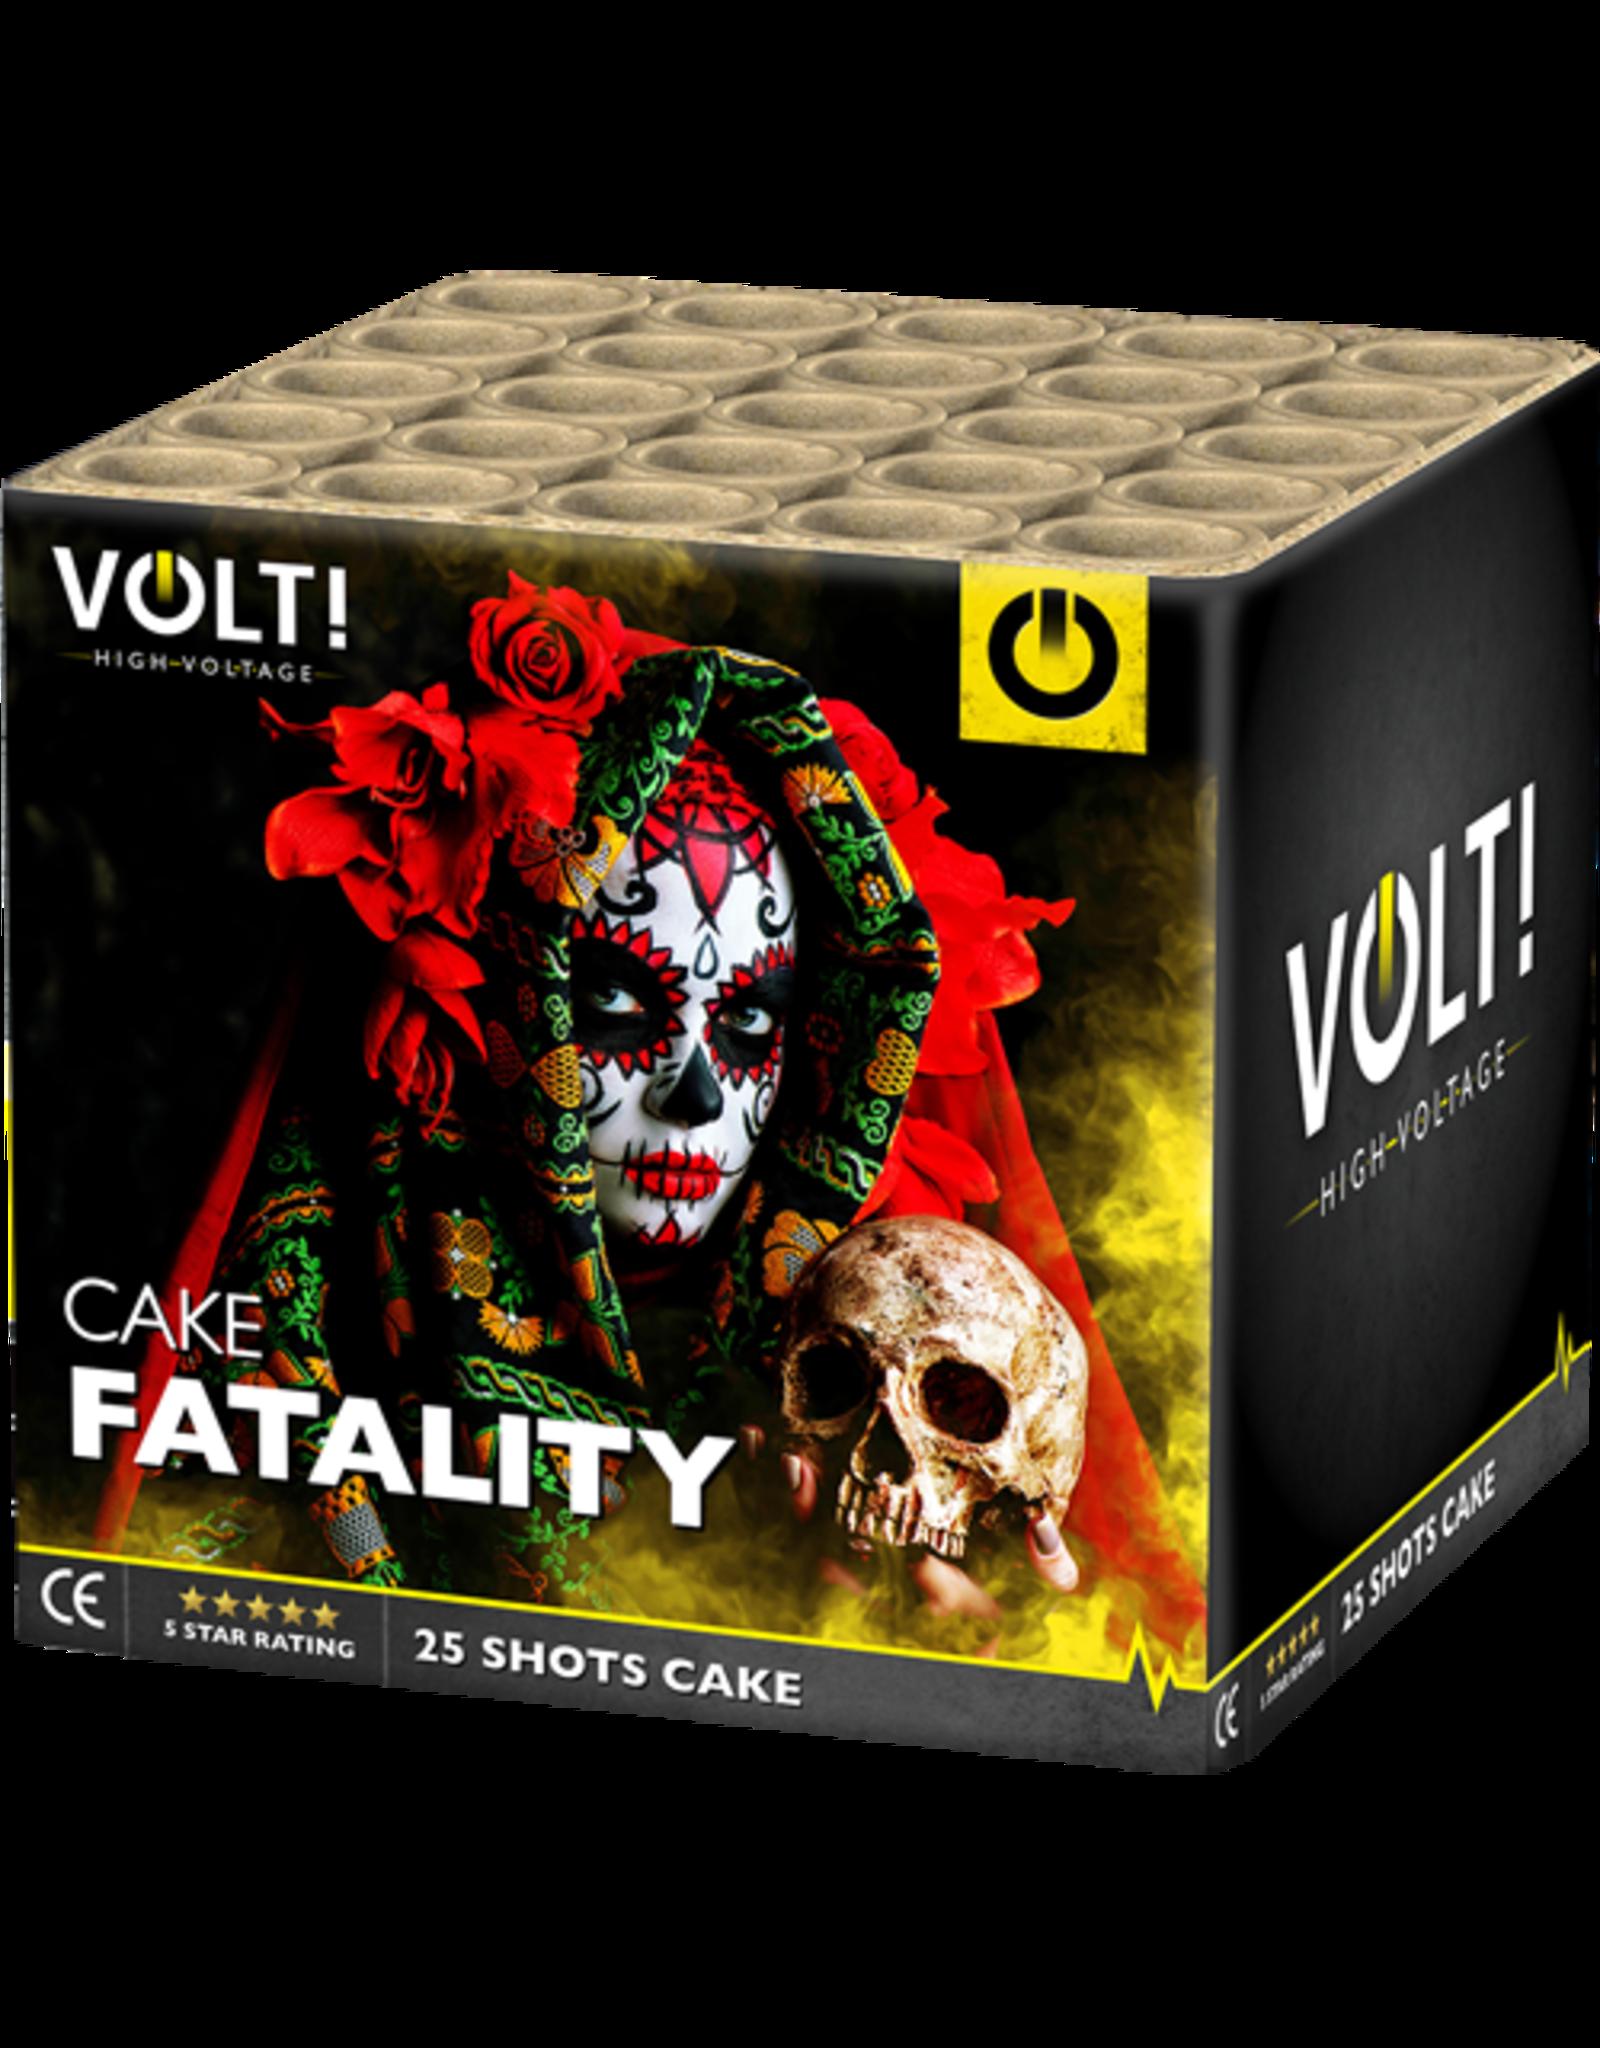 Volt! Fatality 25 shots